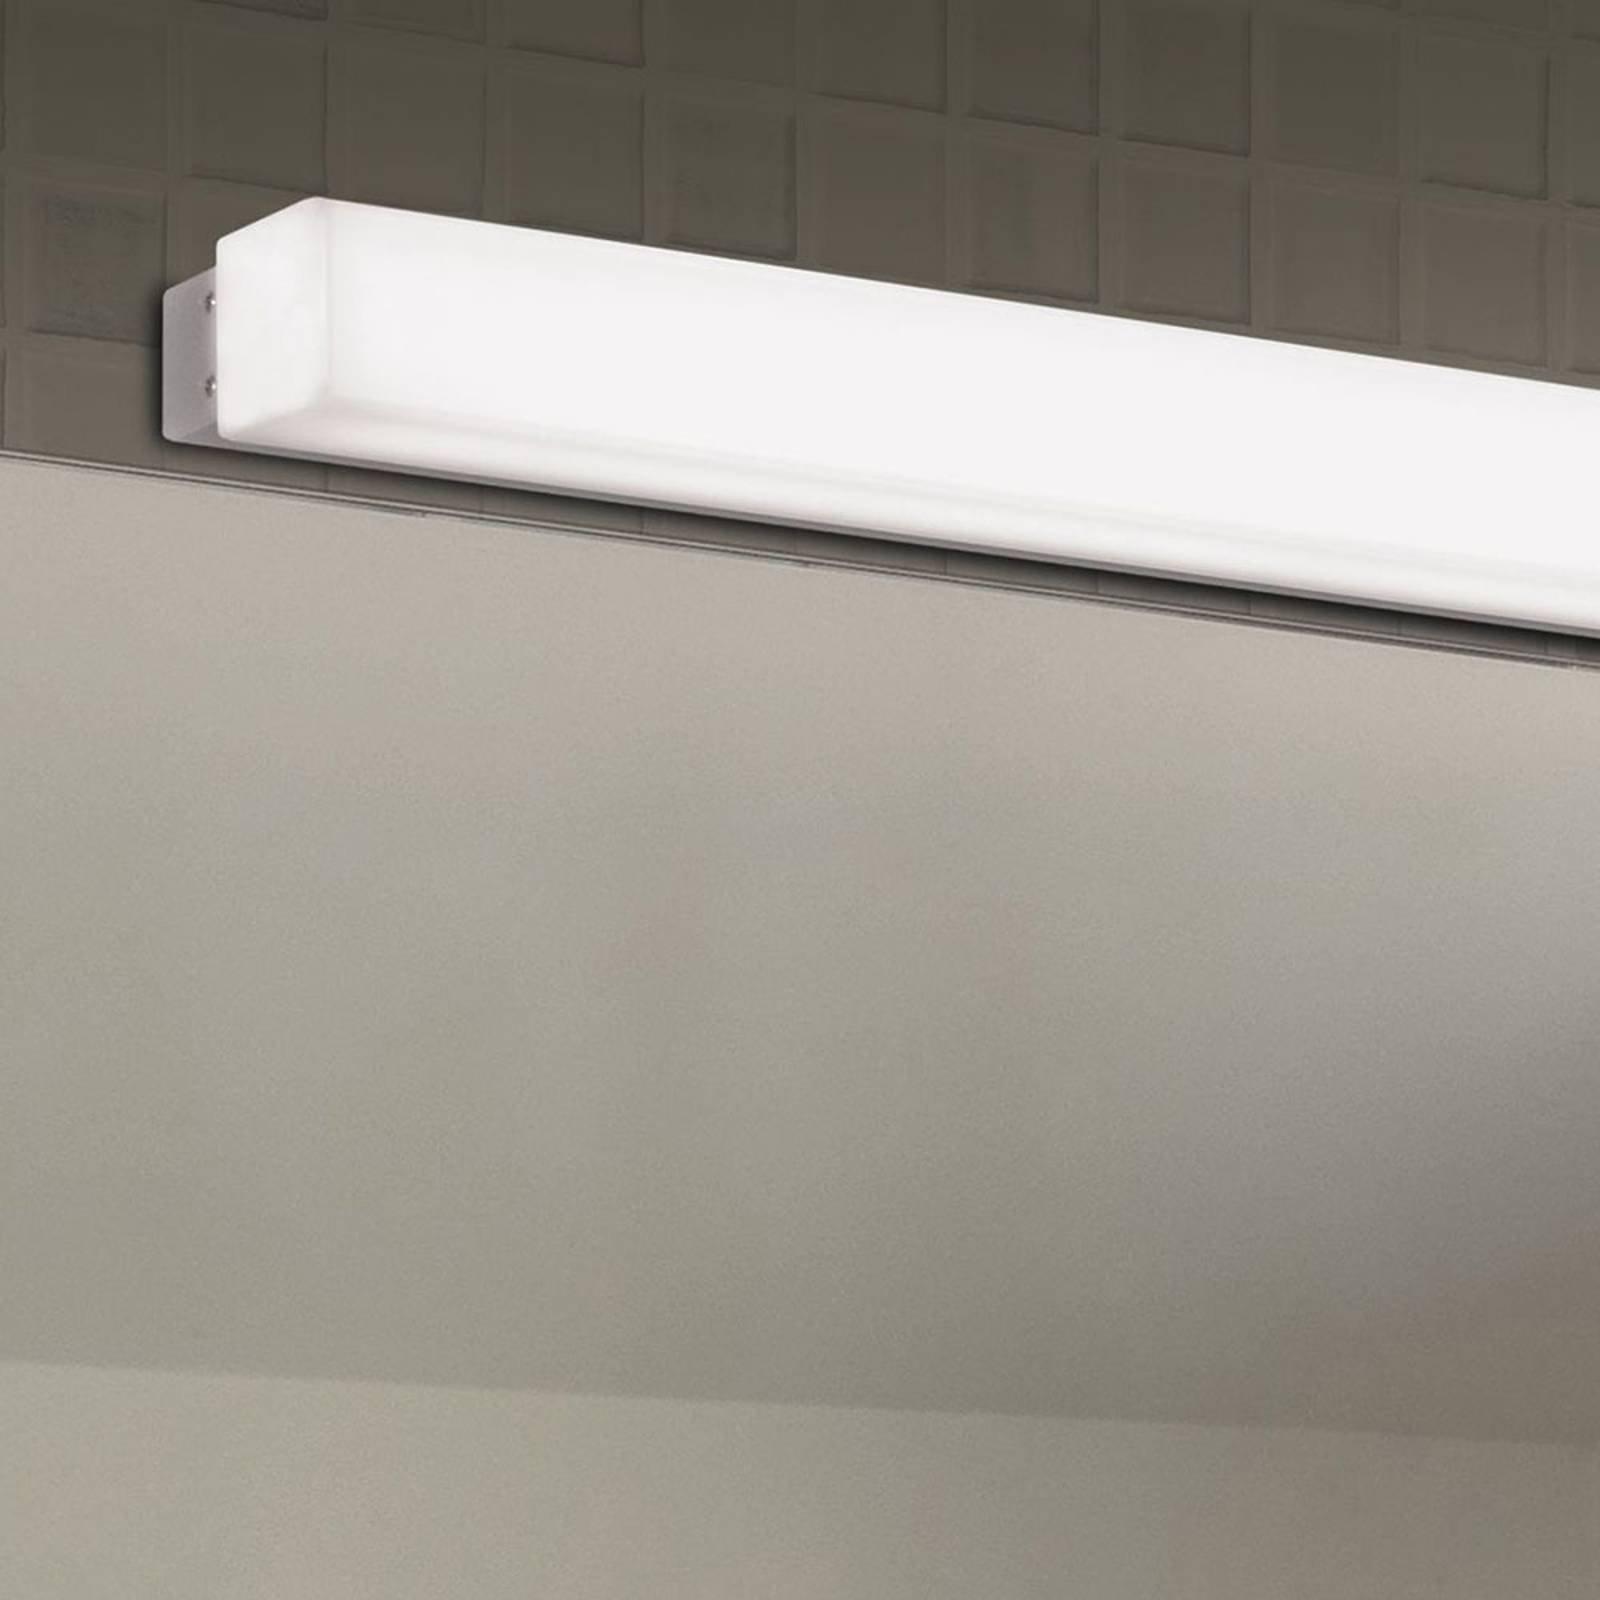 LED-vegglampe til bad Box, 3 000 K, bredde 59 cm